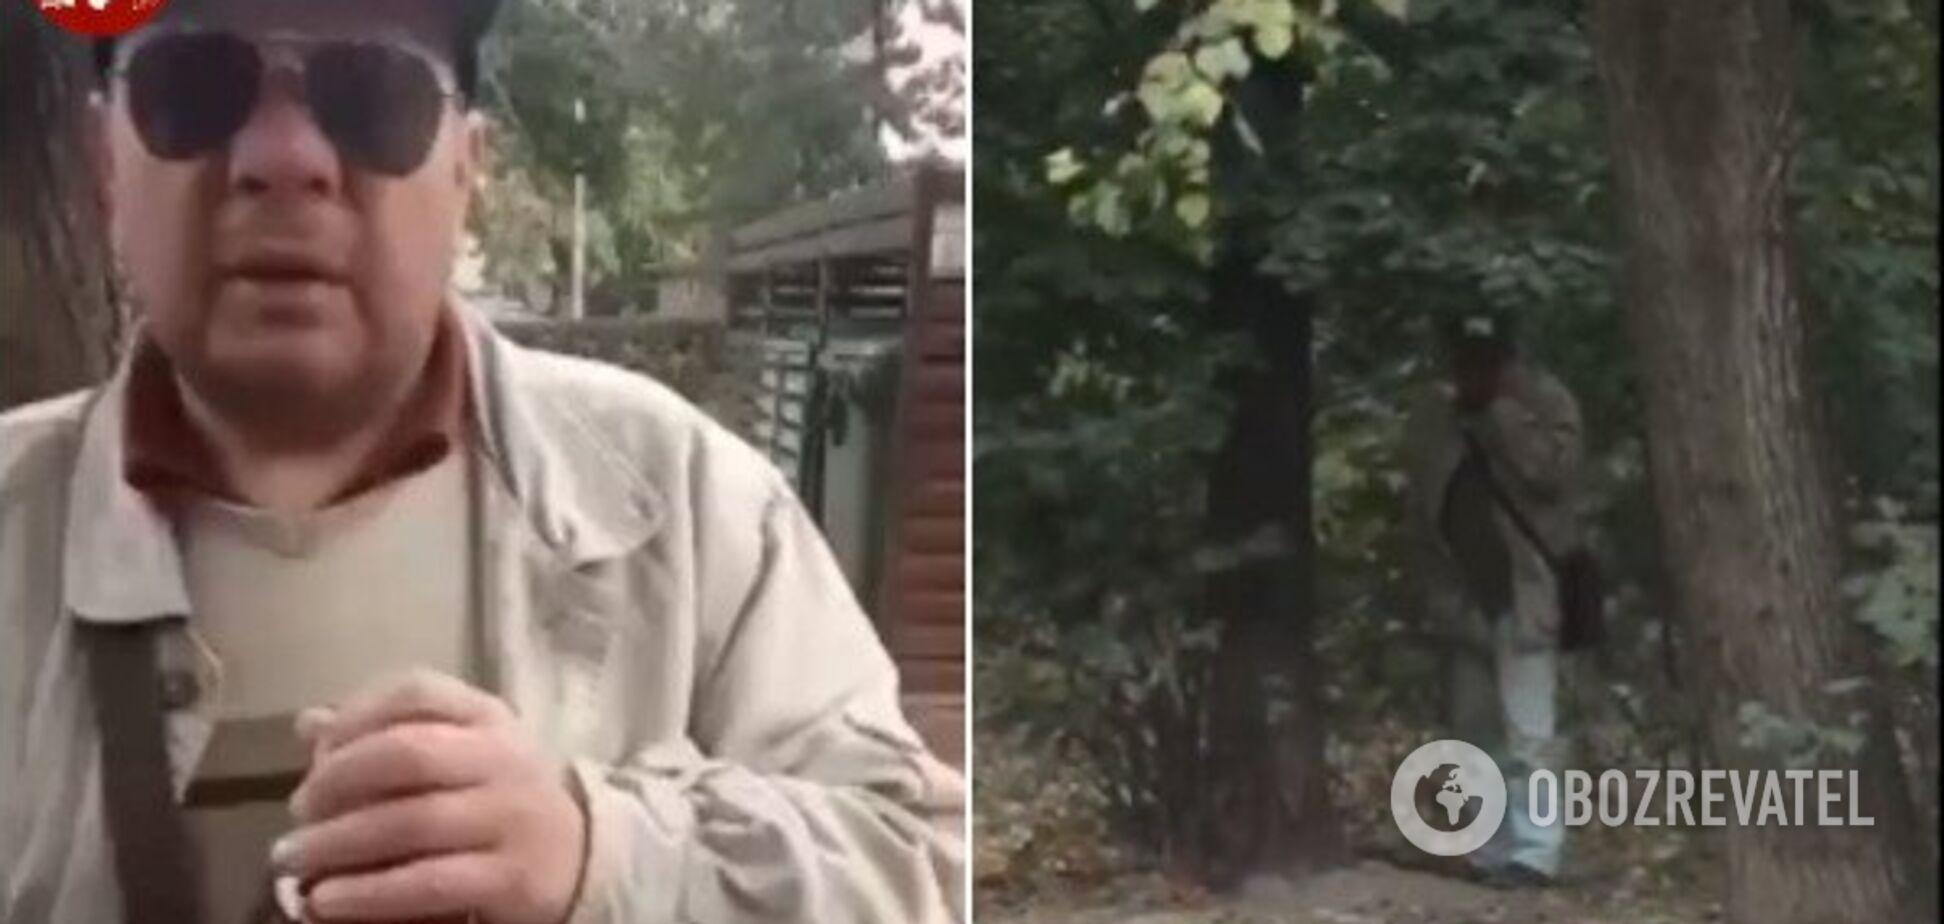 Упарку Києва затримали збоченця